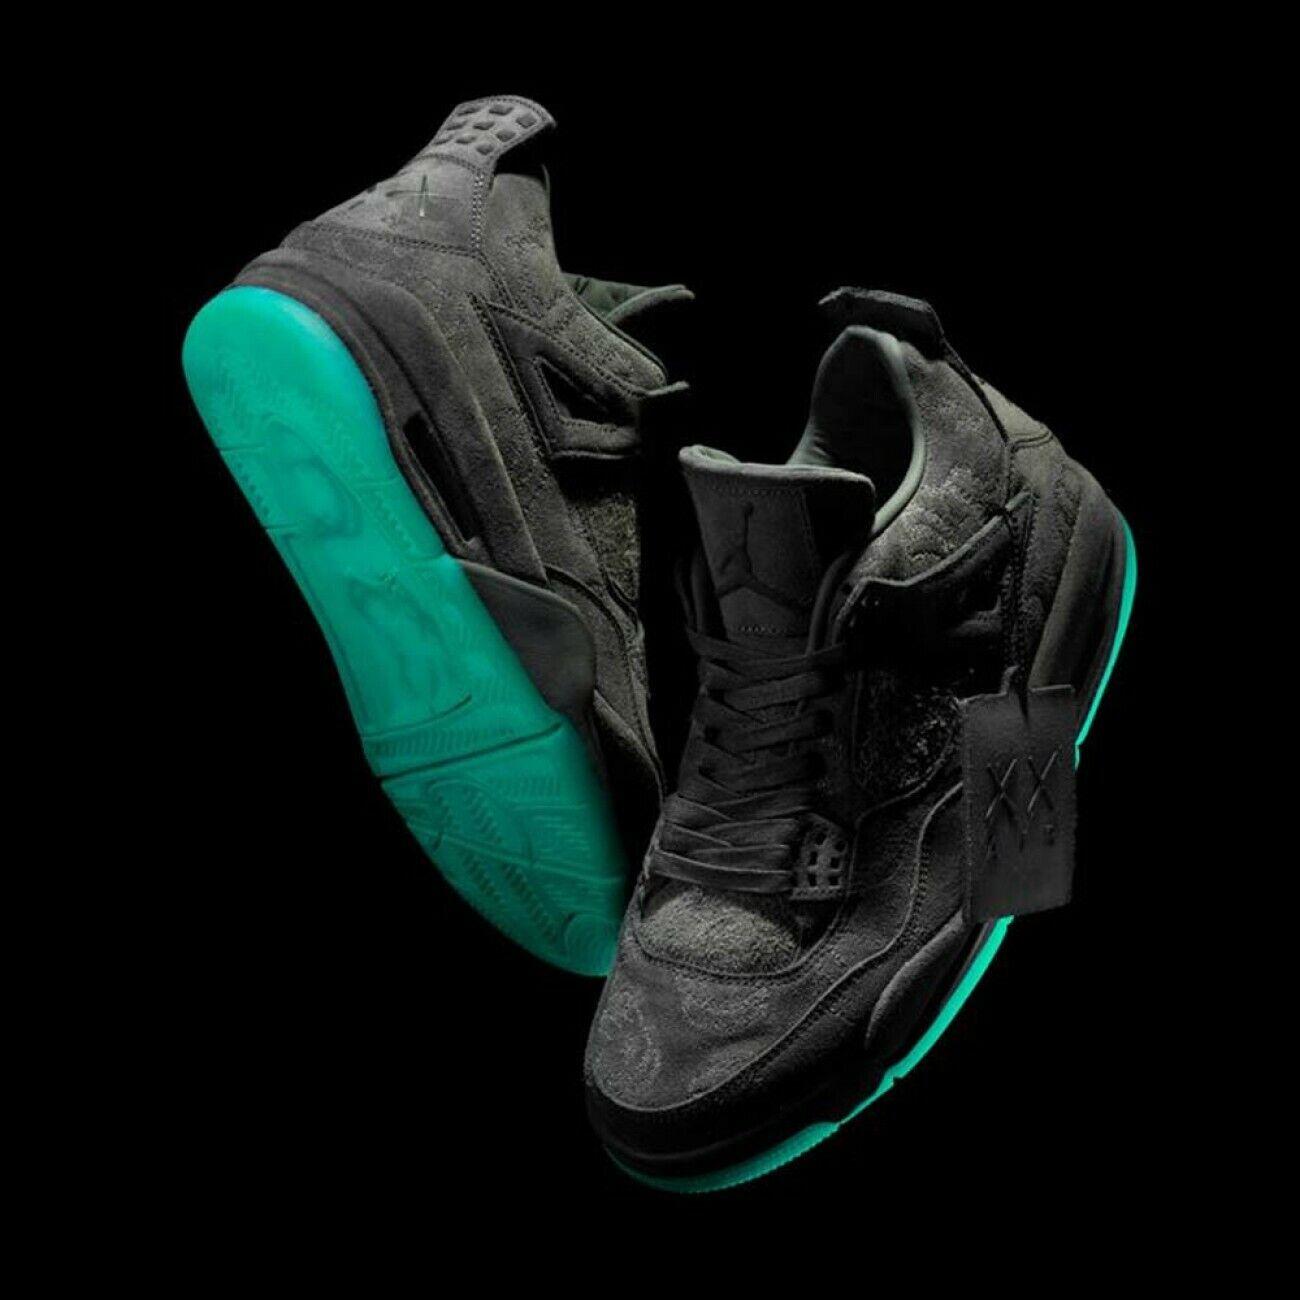 online store 4d127 a96d6 Nike Nike Nike Air Jordan 4 IV Retro Kaws Black Size 14. 930155-001